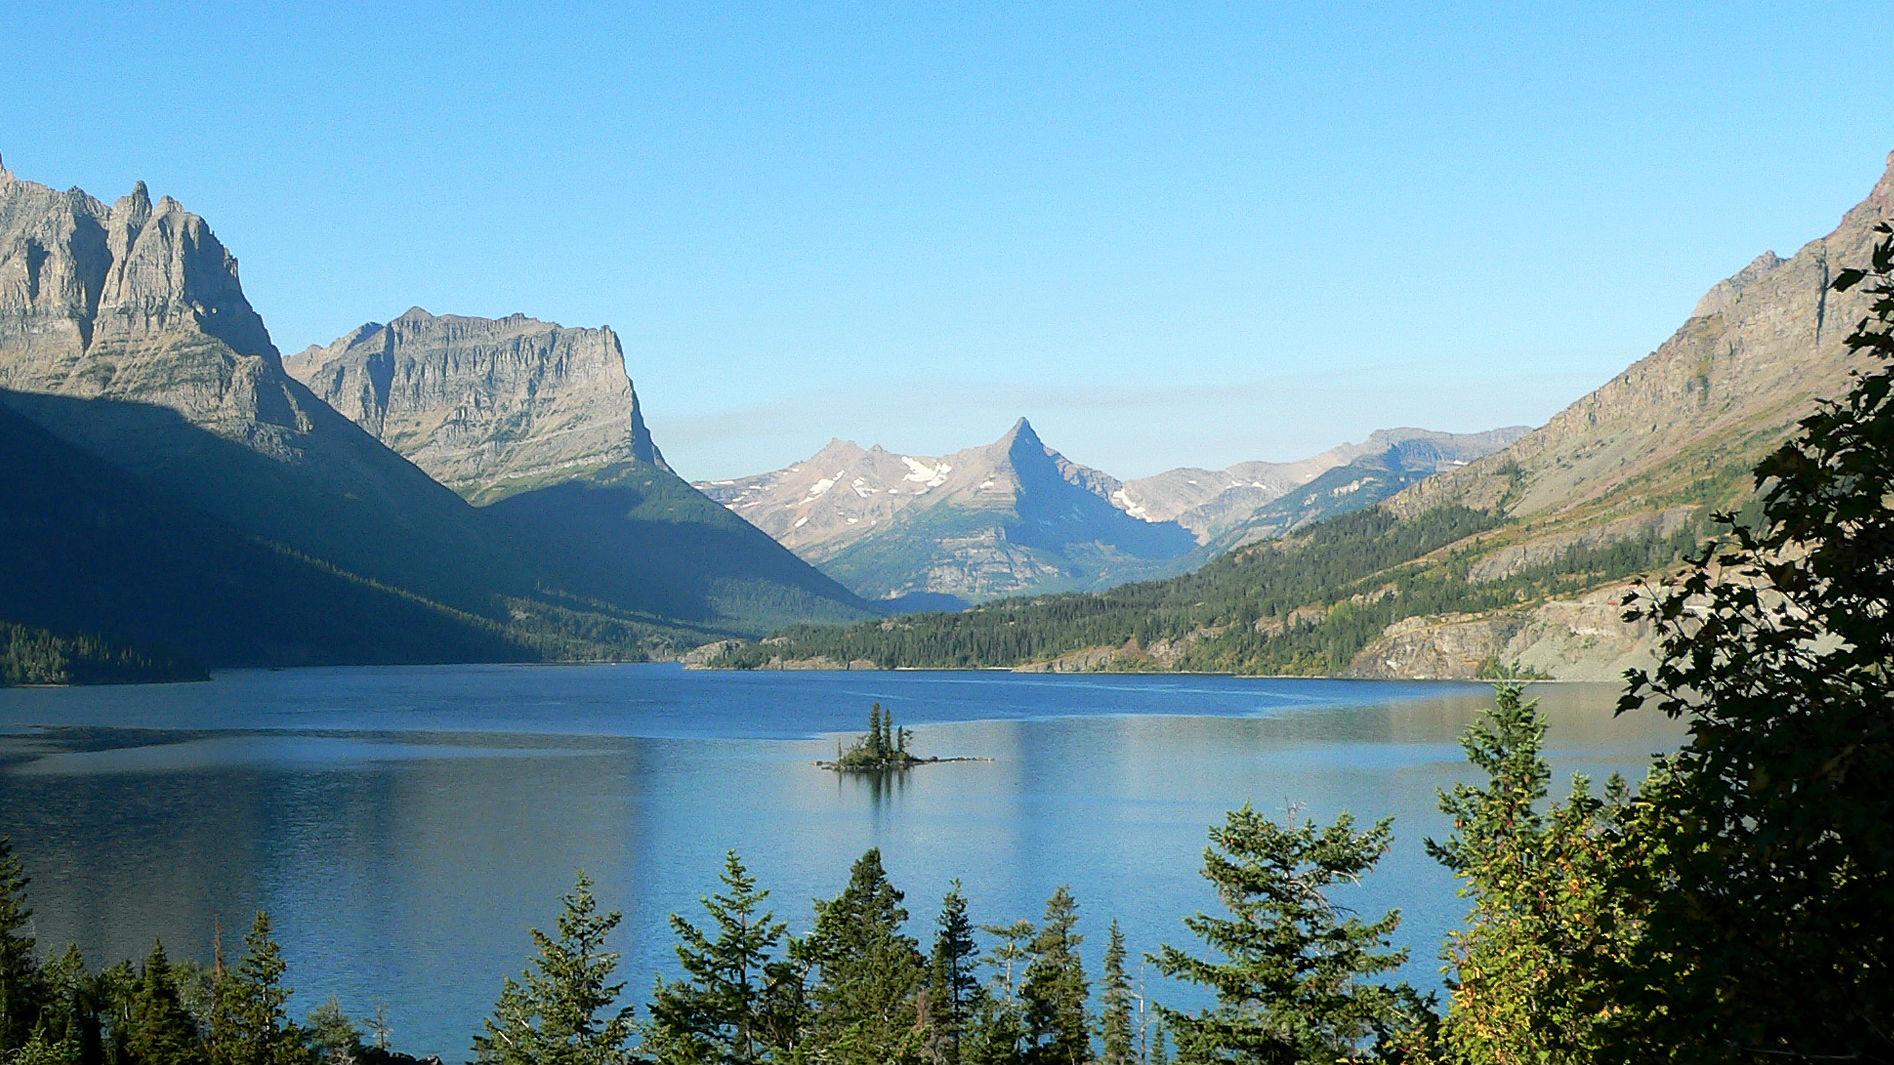 St. Mary Lake in Glacier